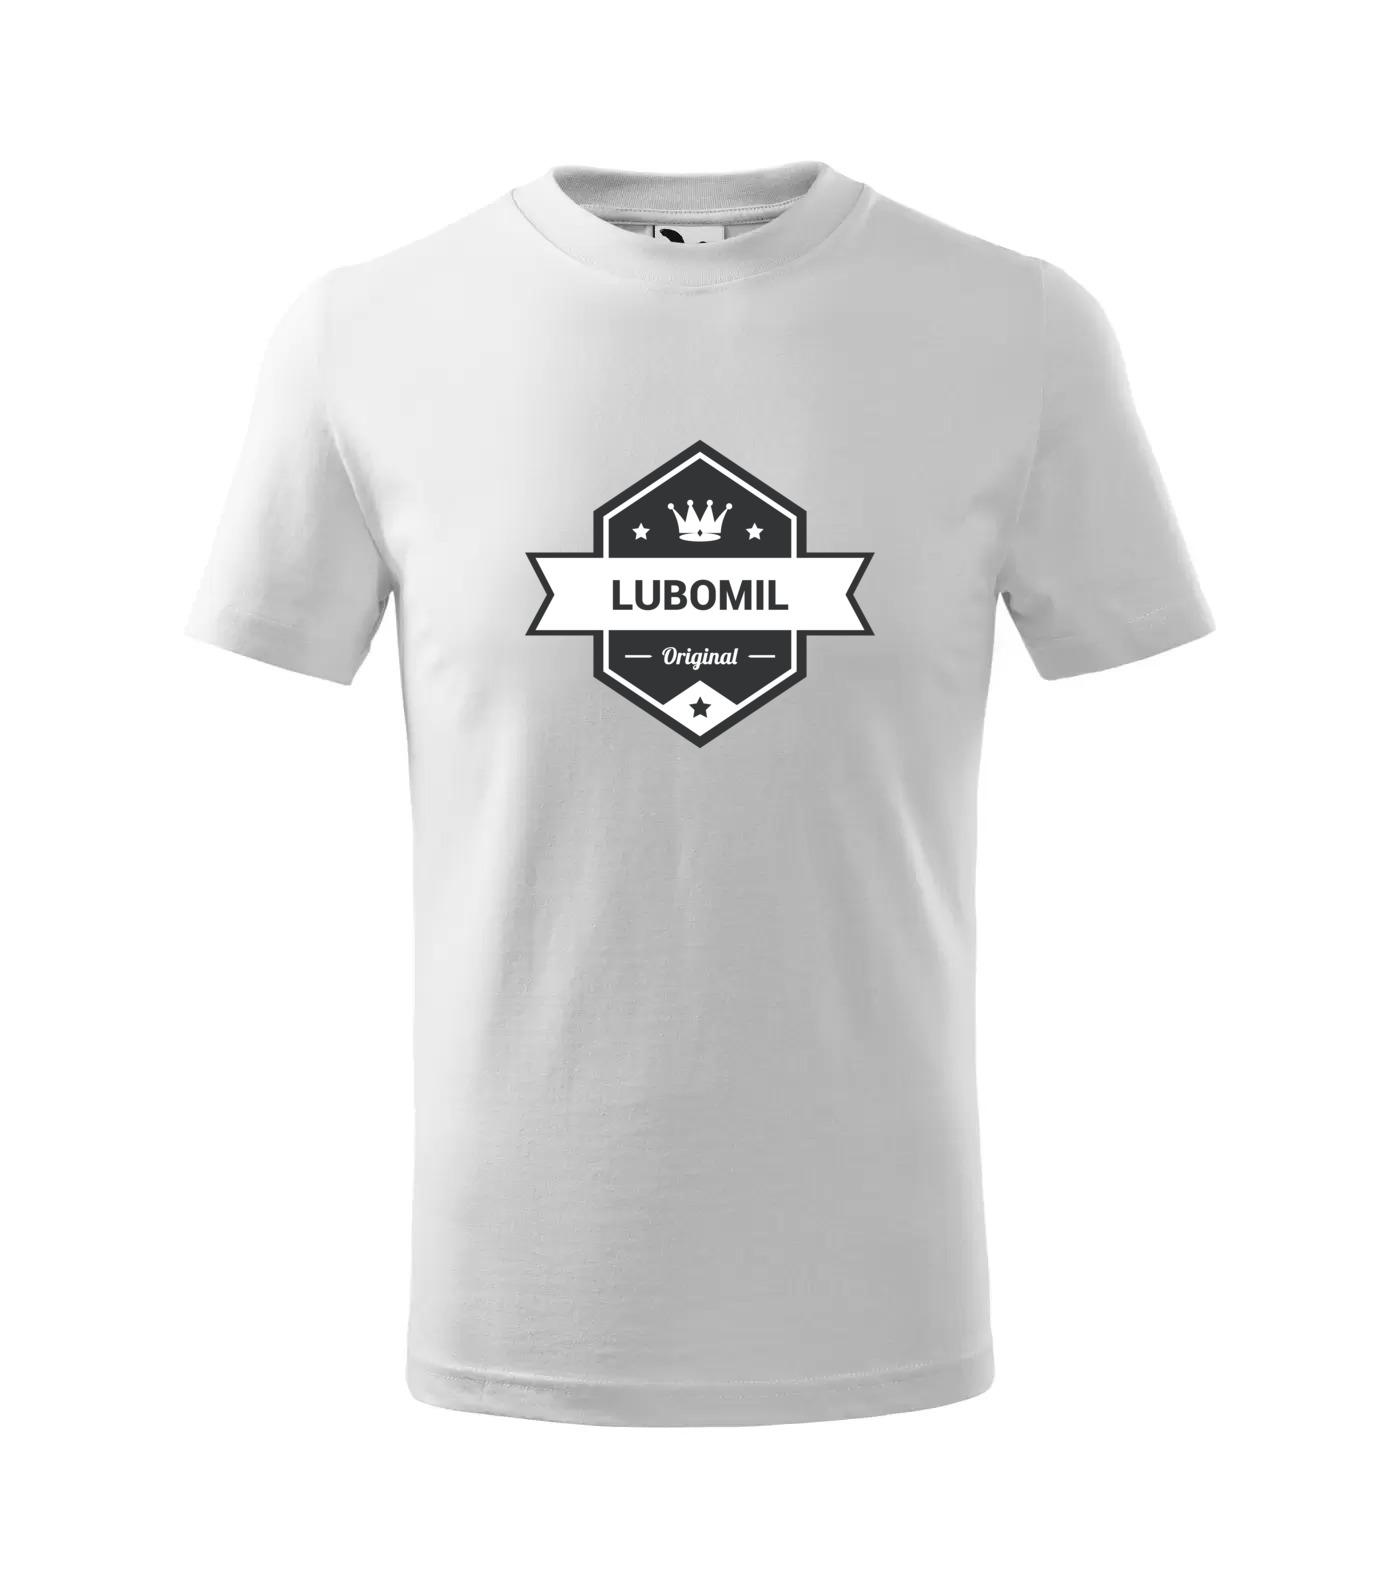 Tričko King Lubomil